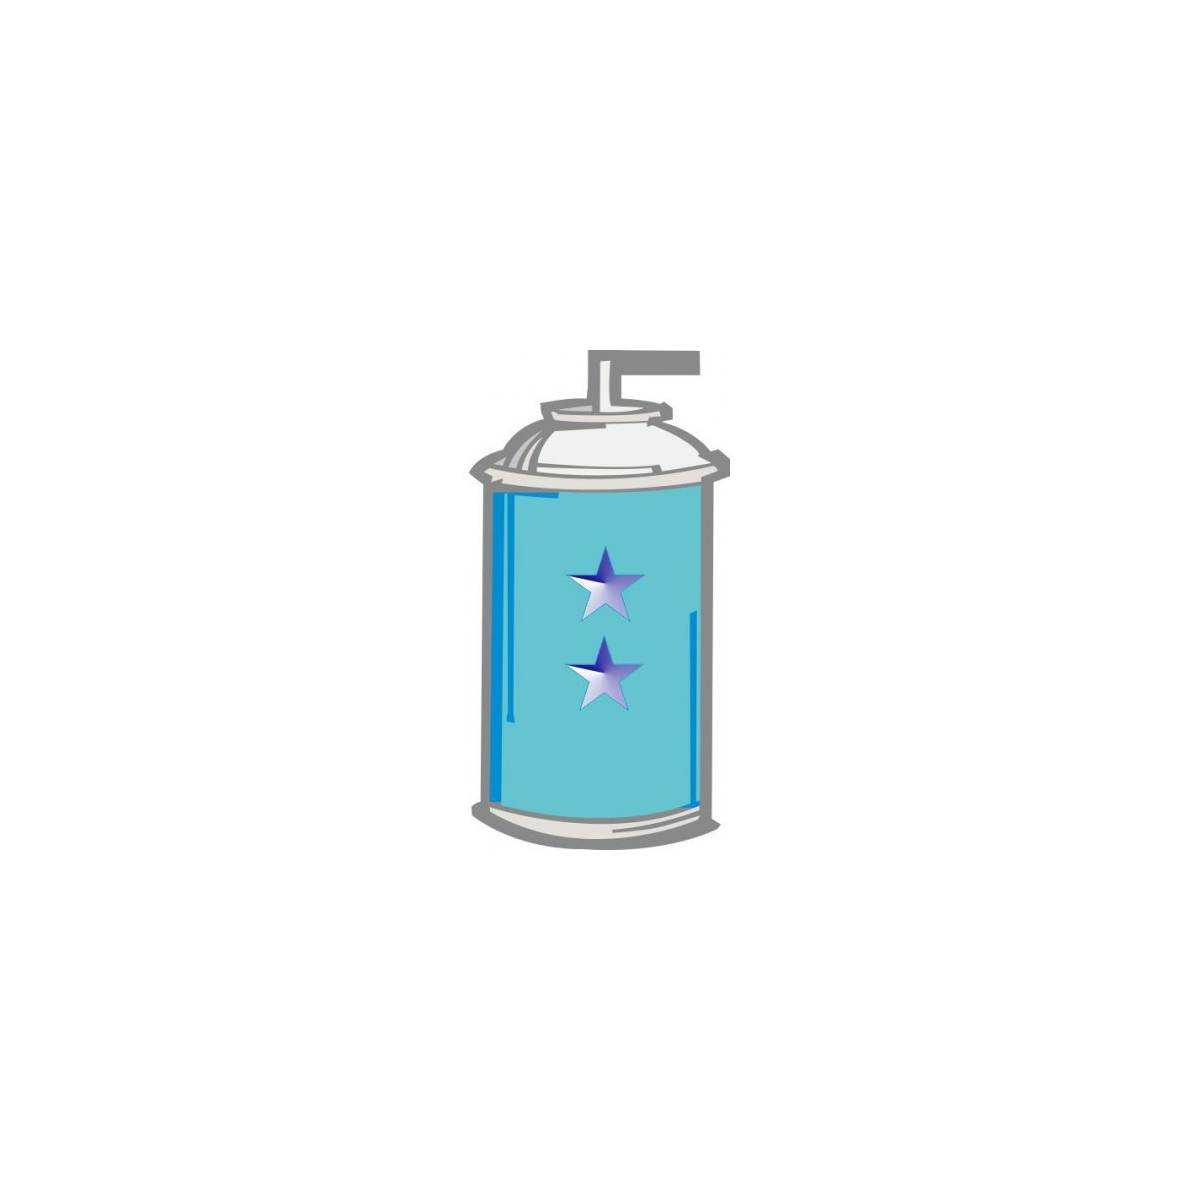 Аэрозольный баллончик 250мл, Греция (BLUE WAVE) 12-04-0047 Атма